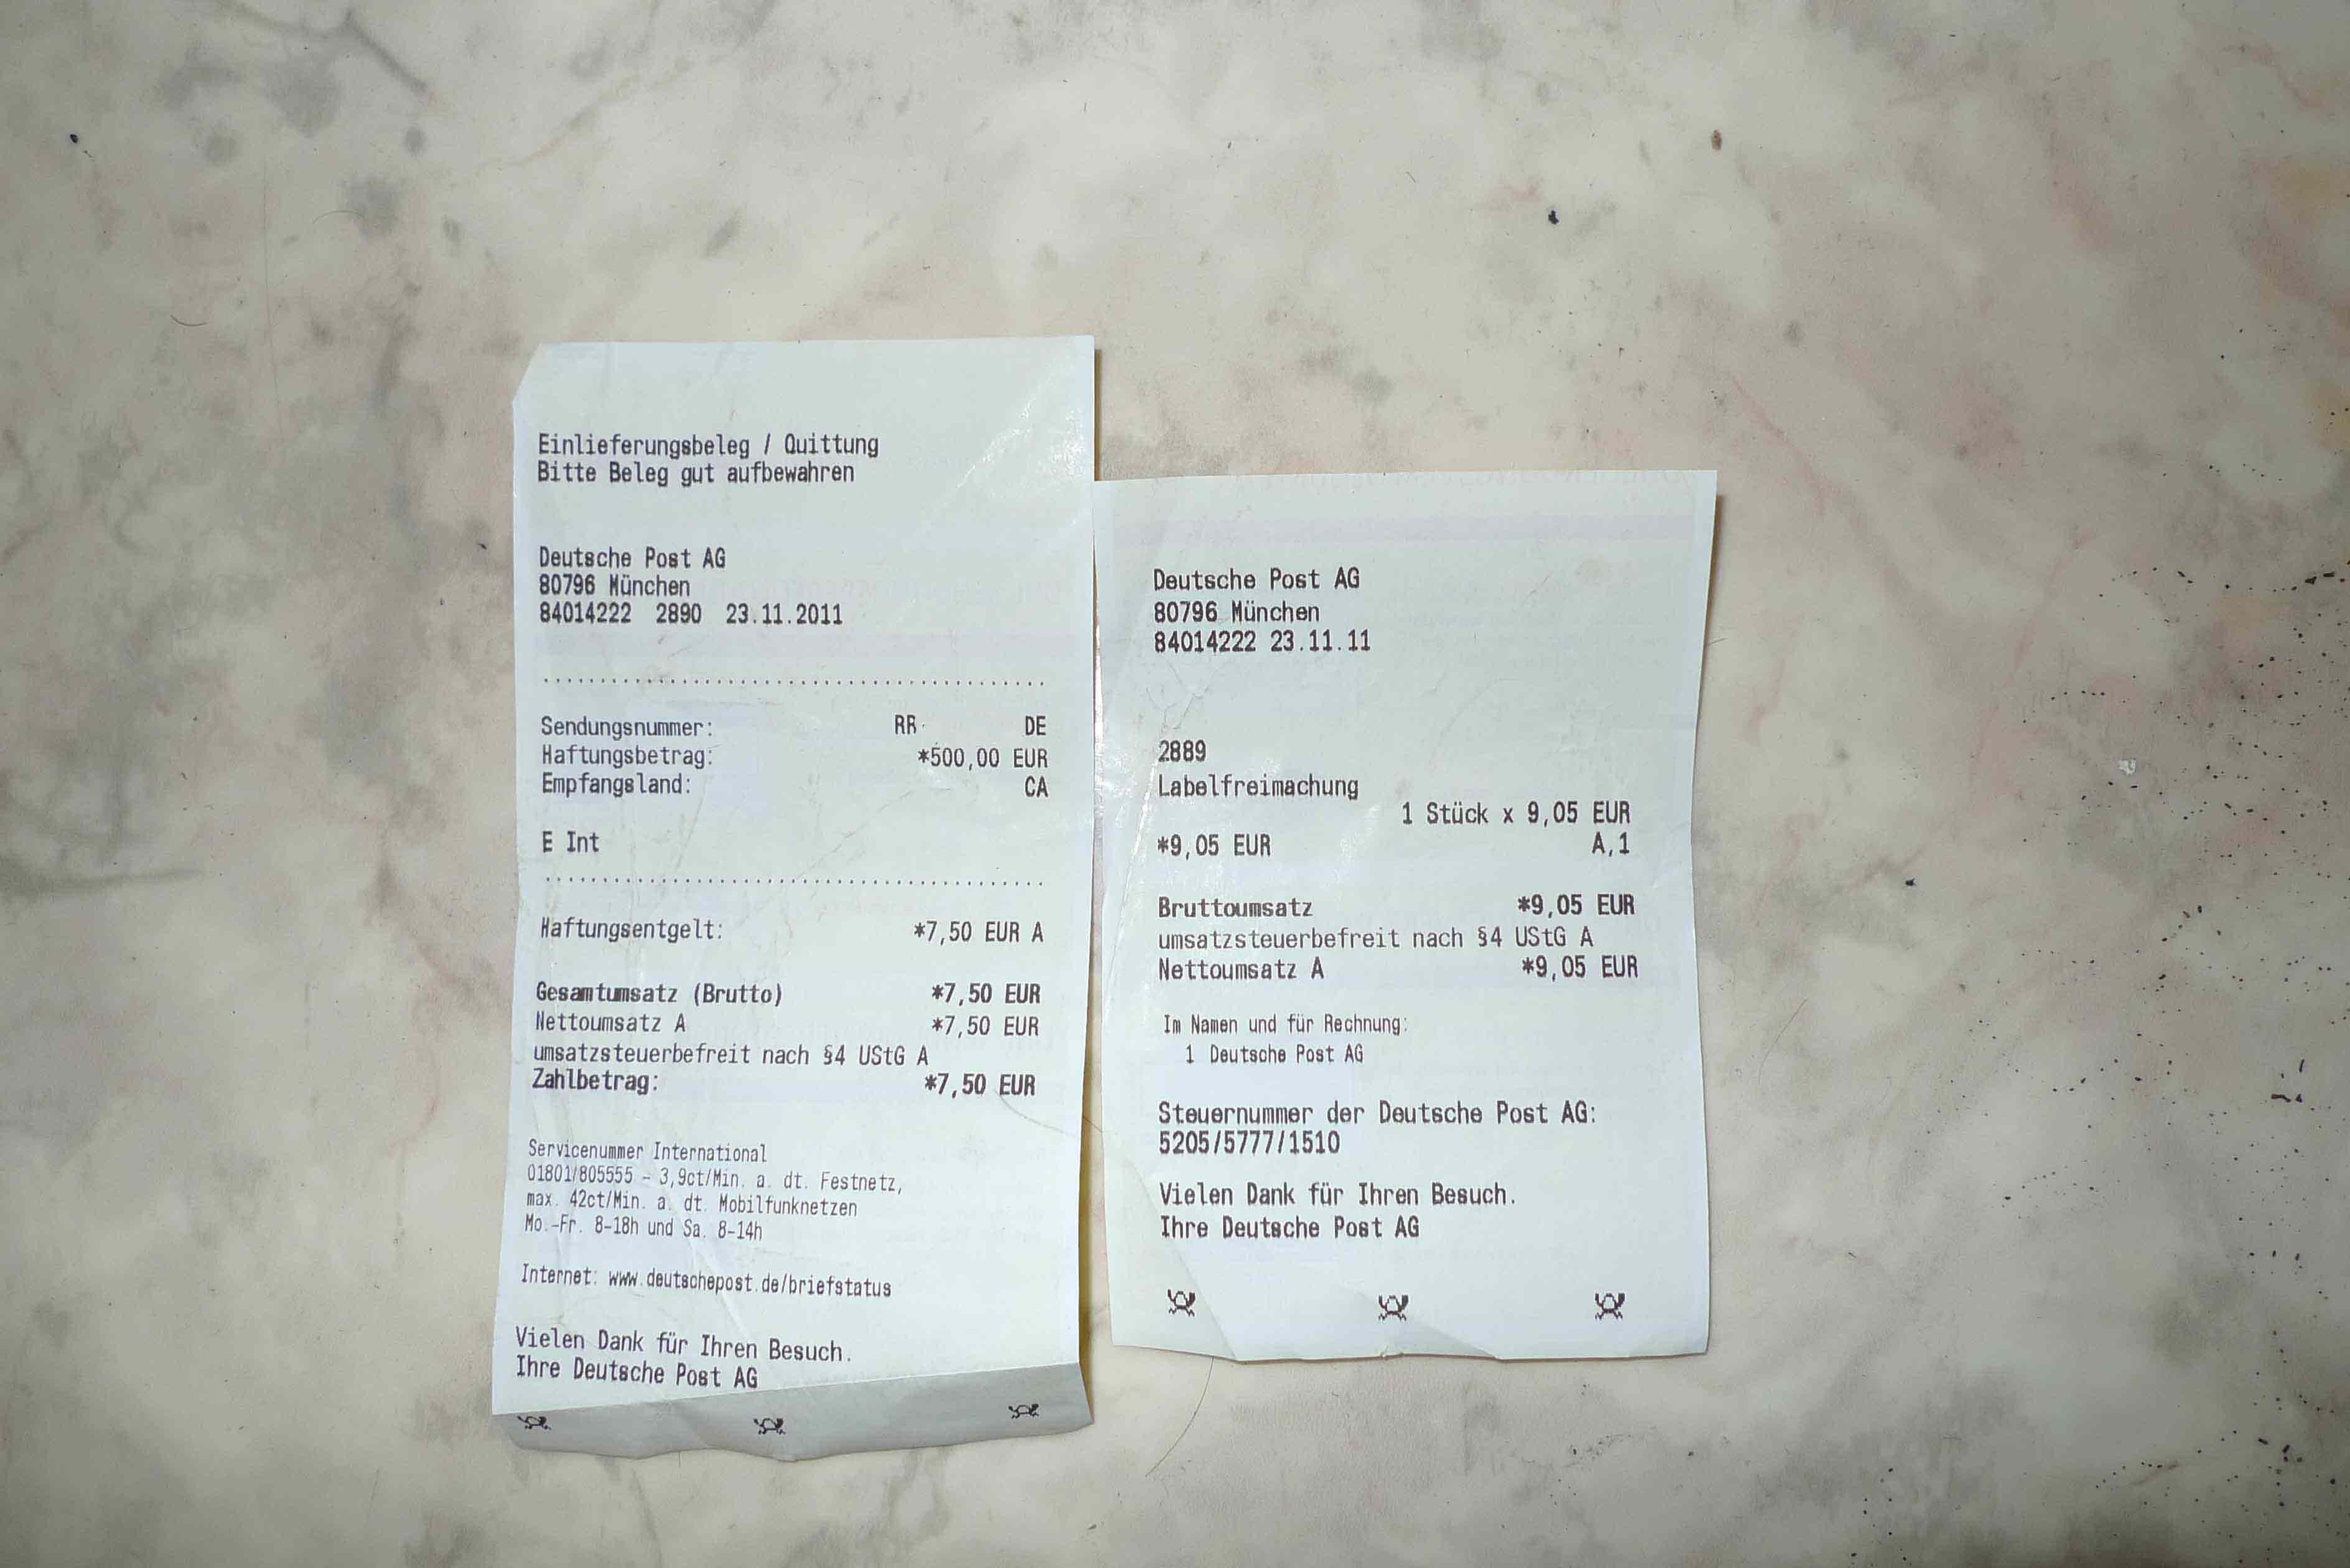 Help with Deutsche Post / DHL receipt details - Life in ...